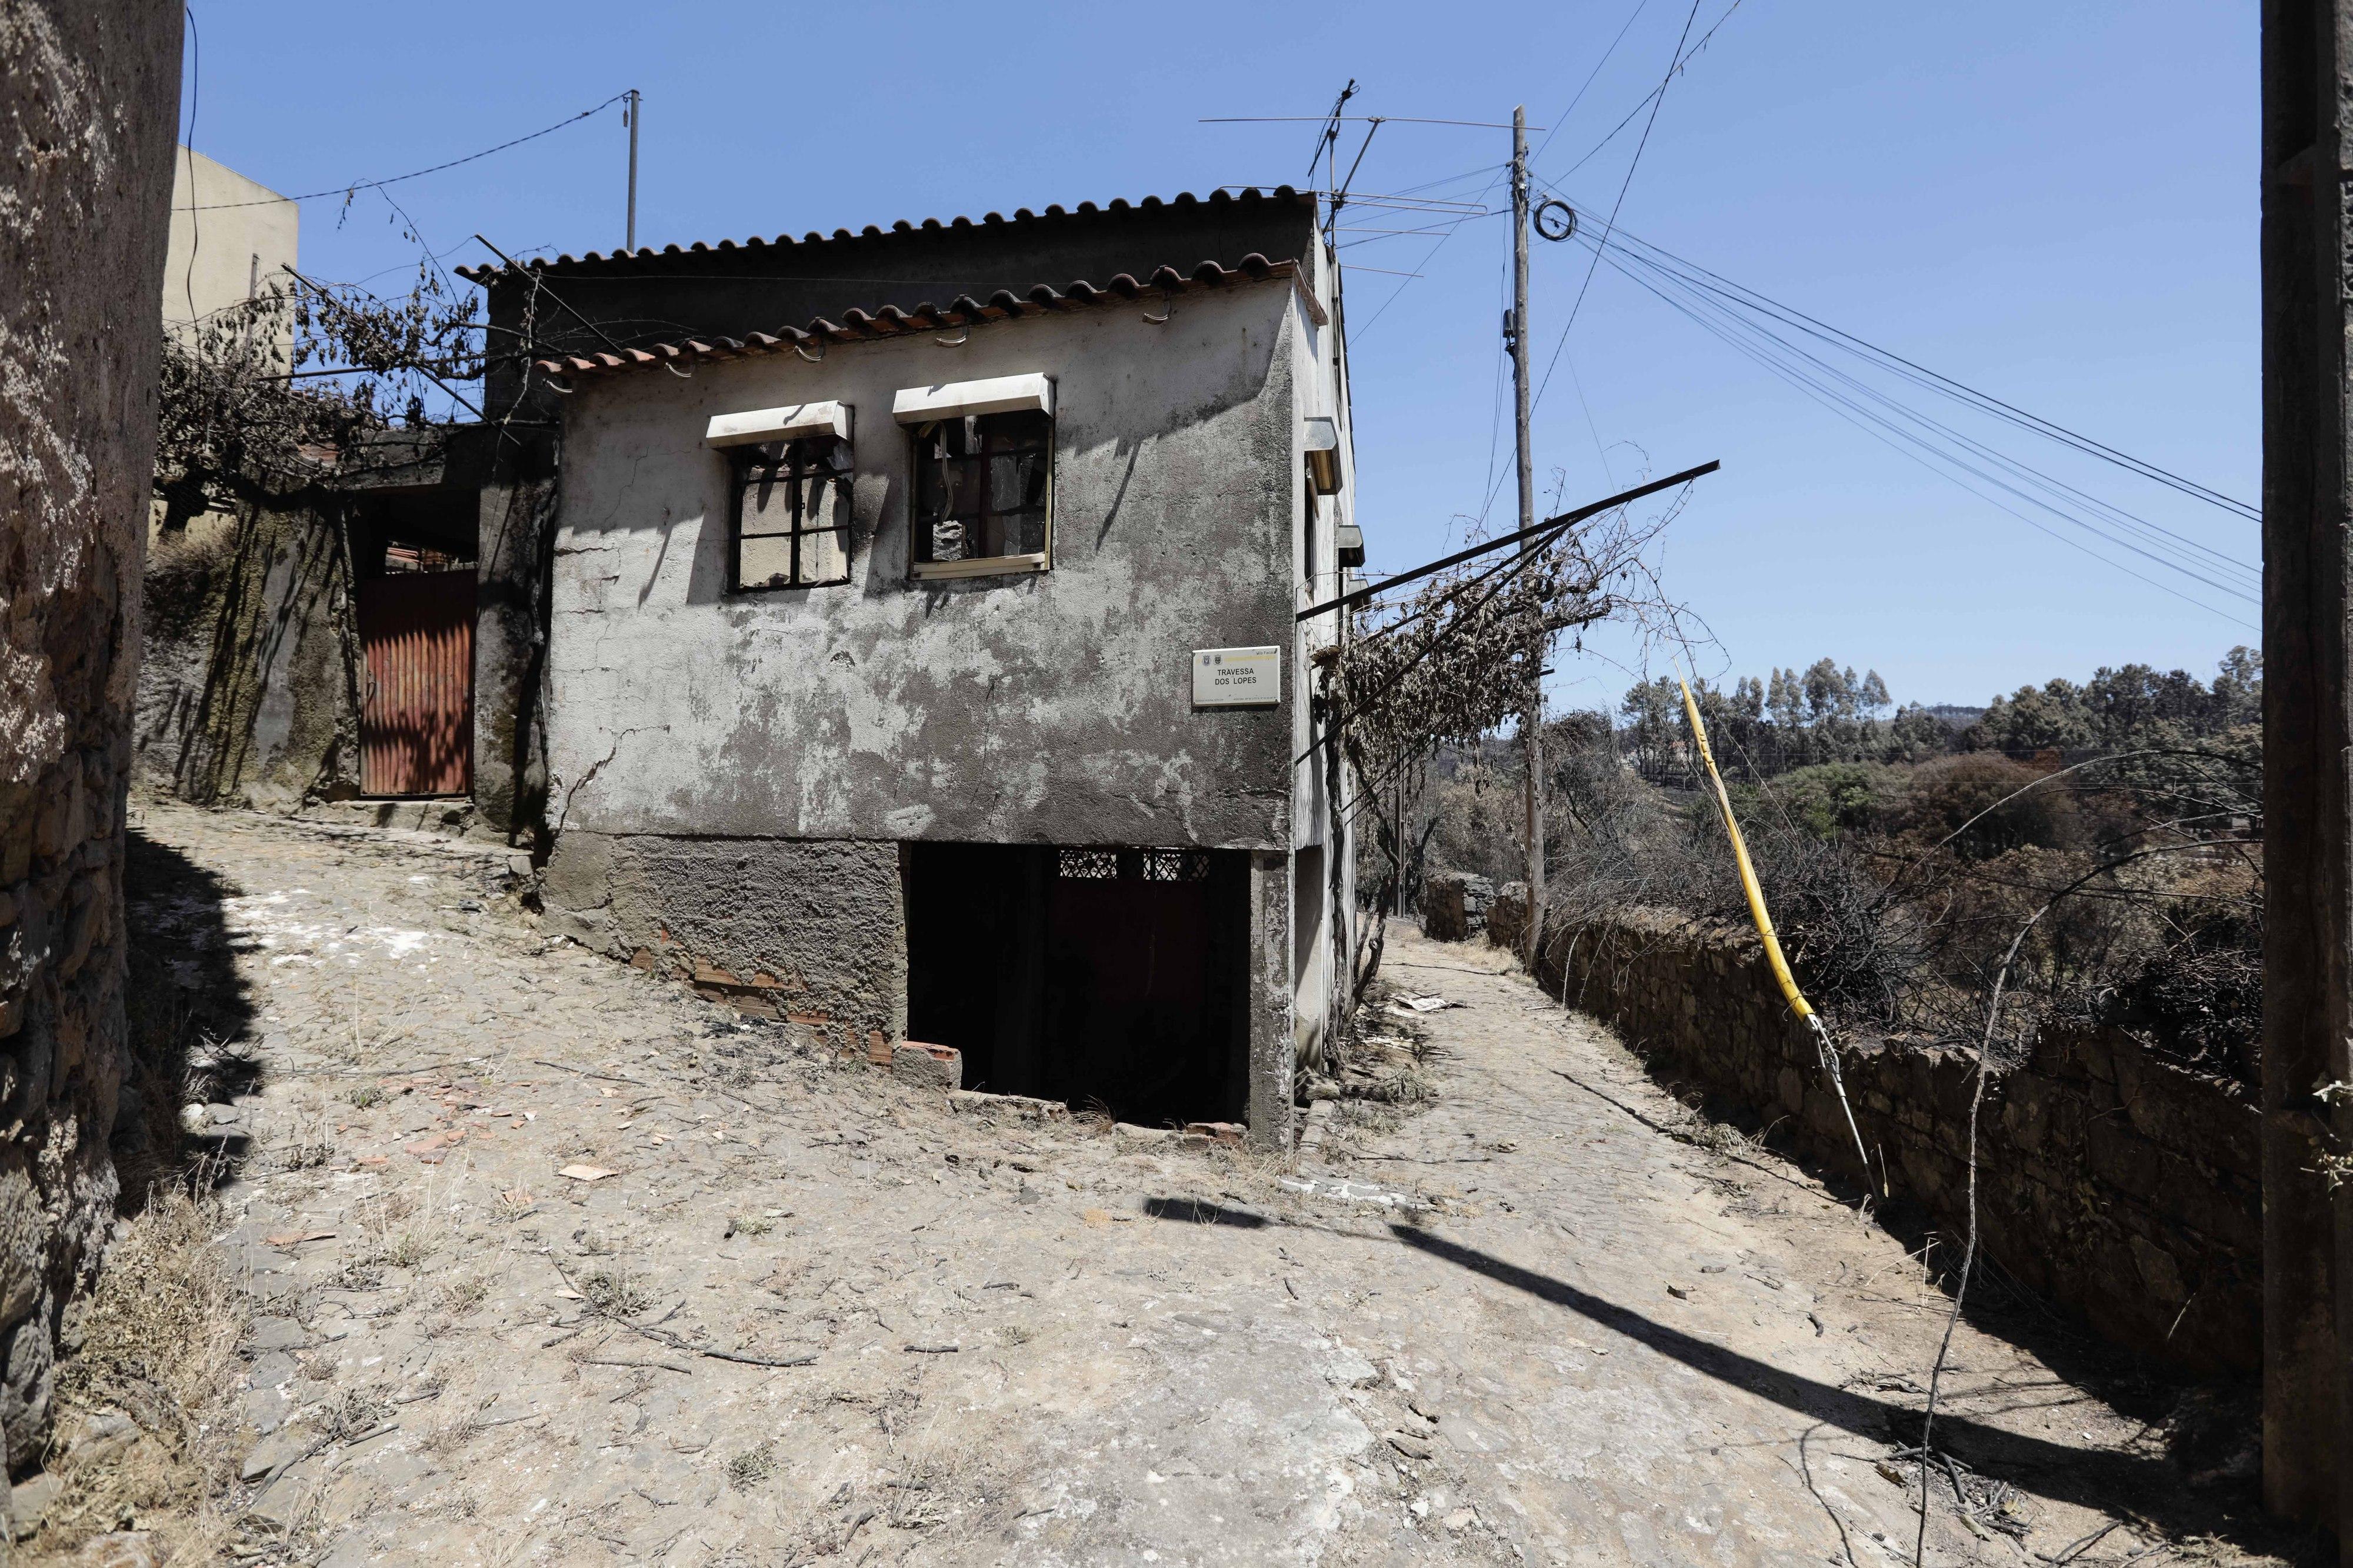 Sessenta e três habitações profundamente afetadas - Governo